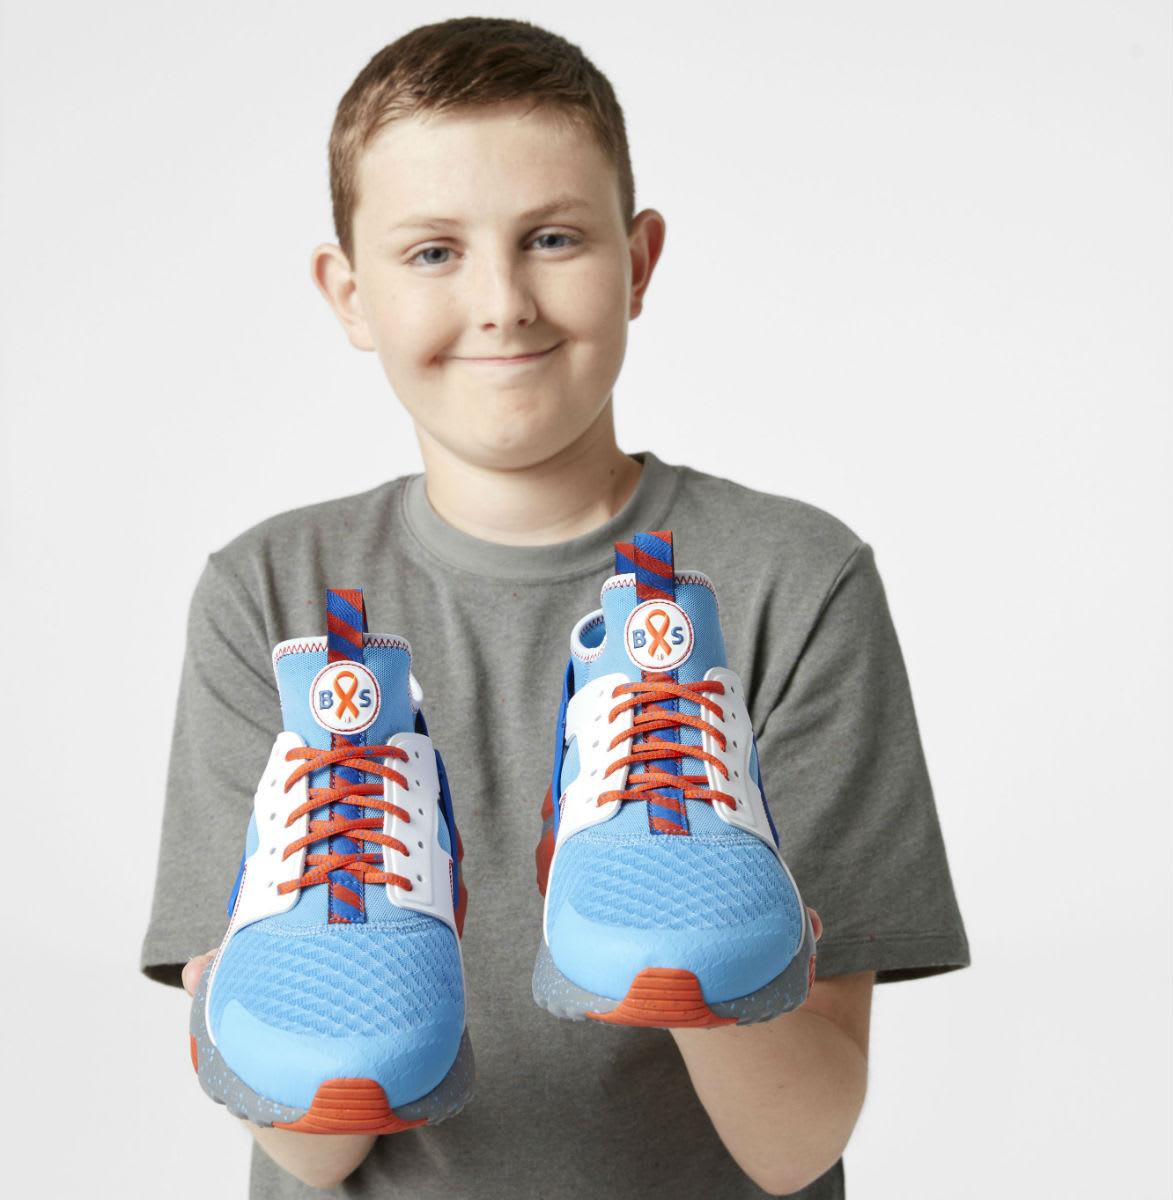 Nike Air Huarache Run Ultra Doernbecher Brayden Sparkman Release Date Portrait